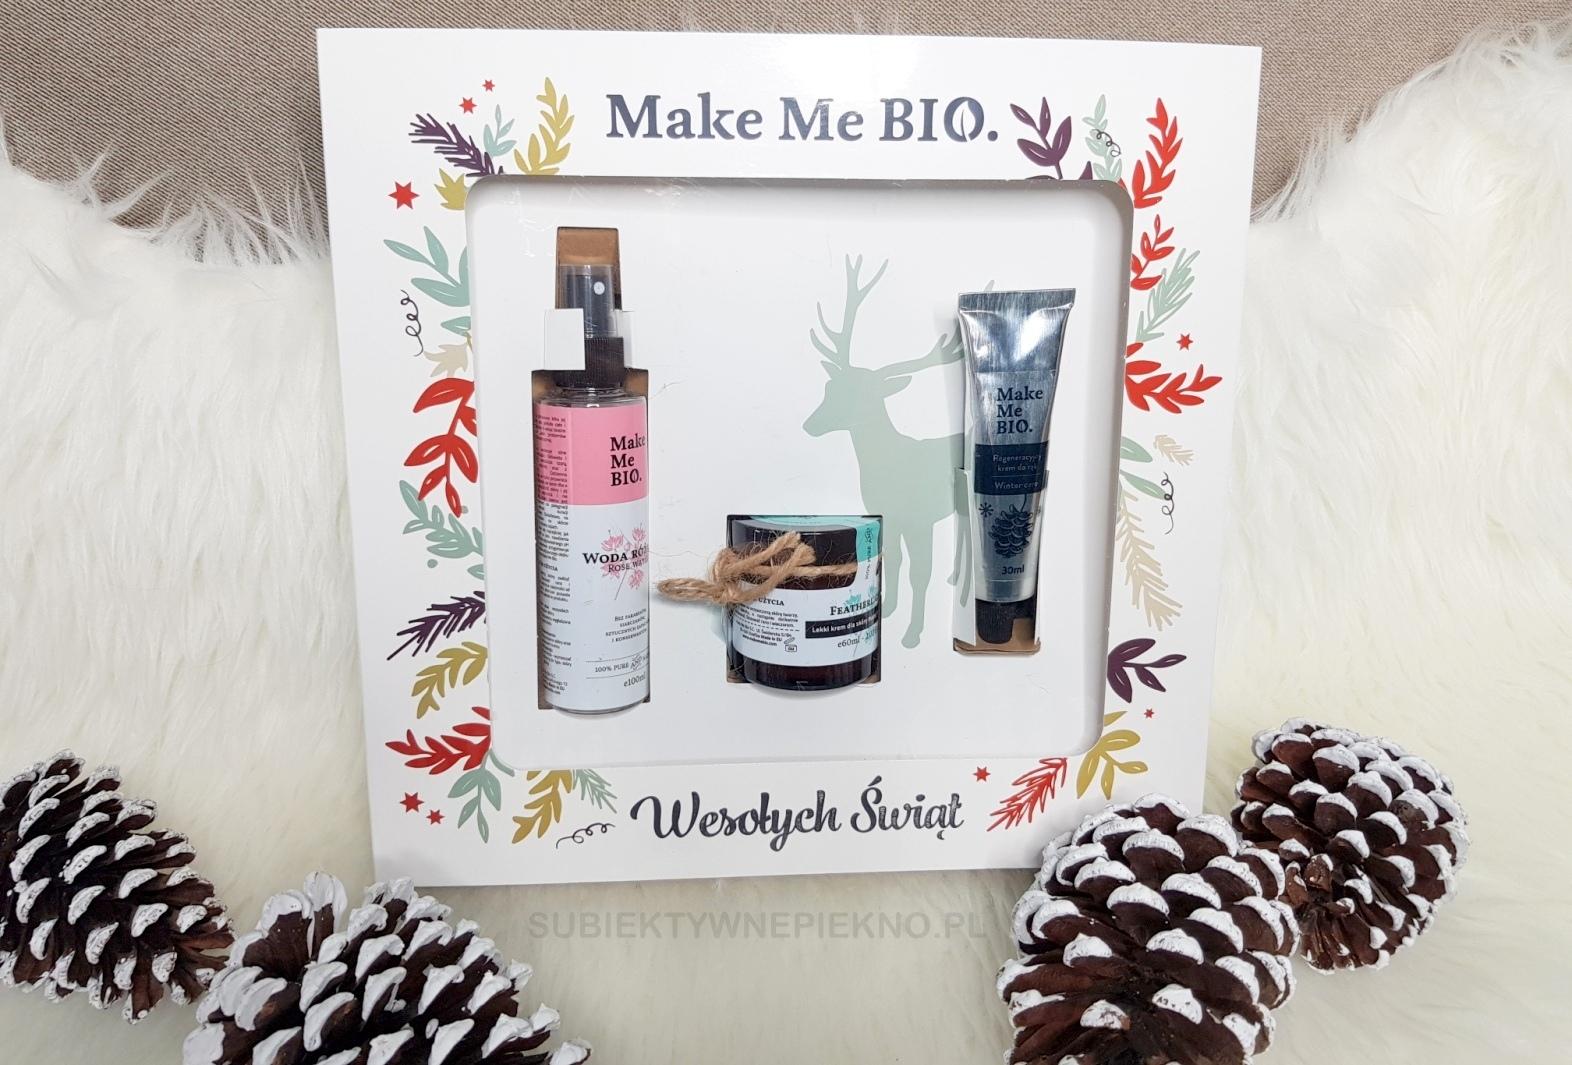 Pomysły na prezenty świąteczne do 100zł - świąteczny zestaw prezentowy Make Me Bio - krem do twarzy, krem do rąk, woda różana